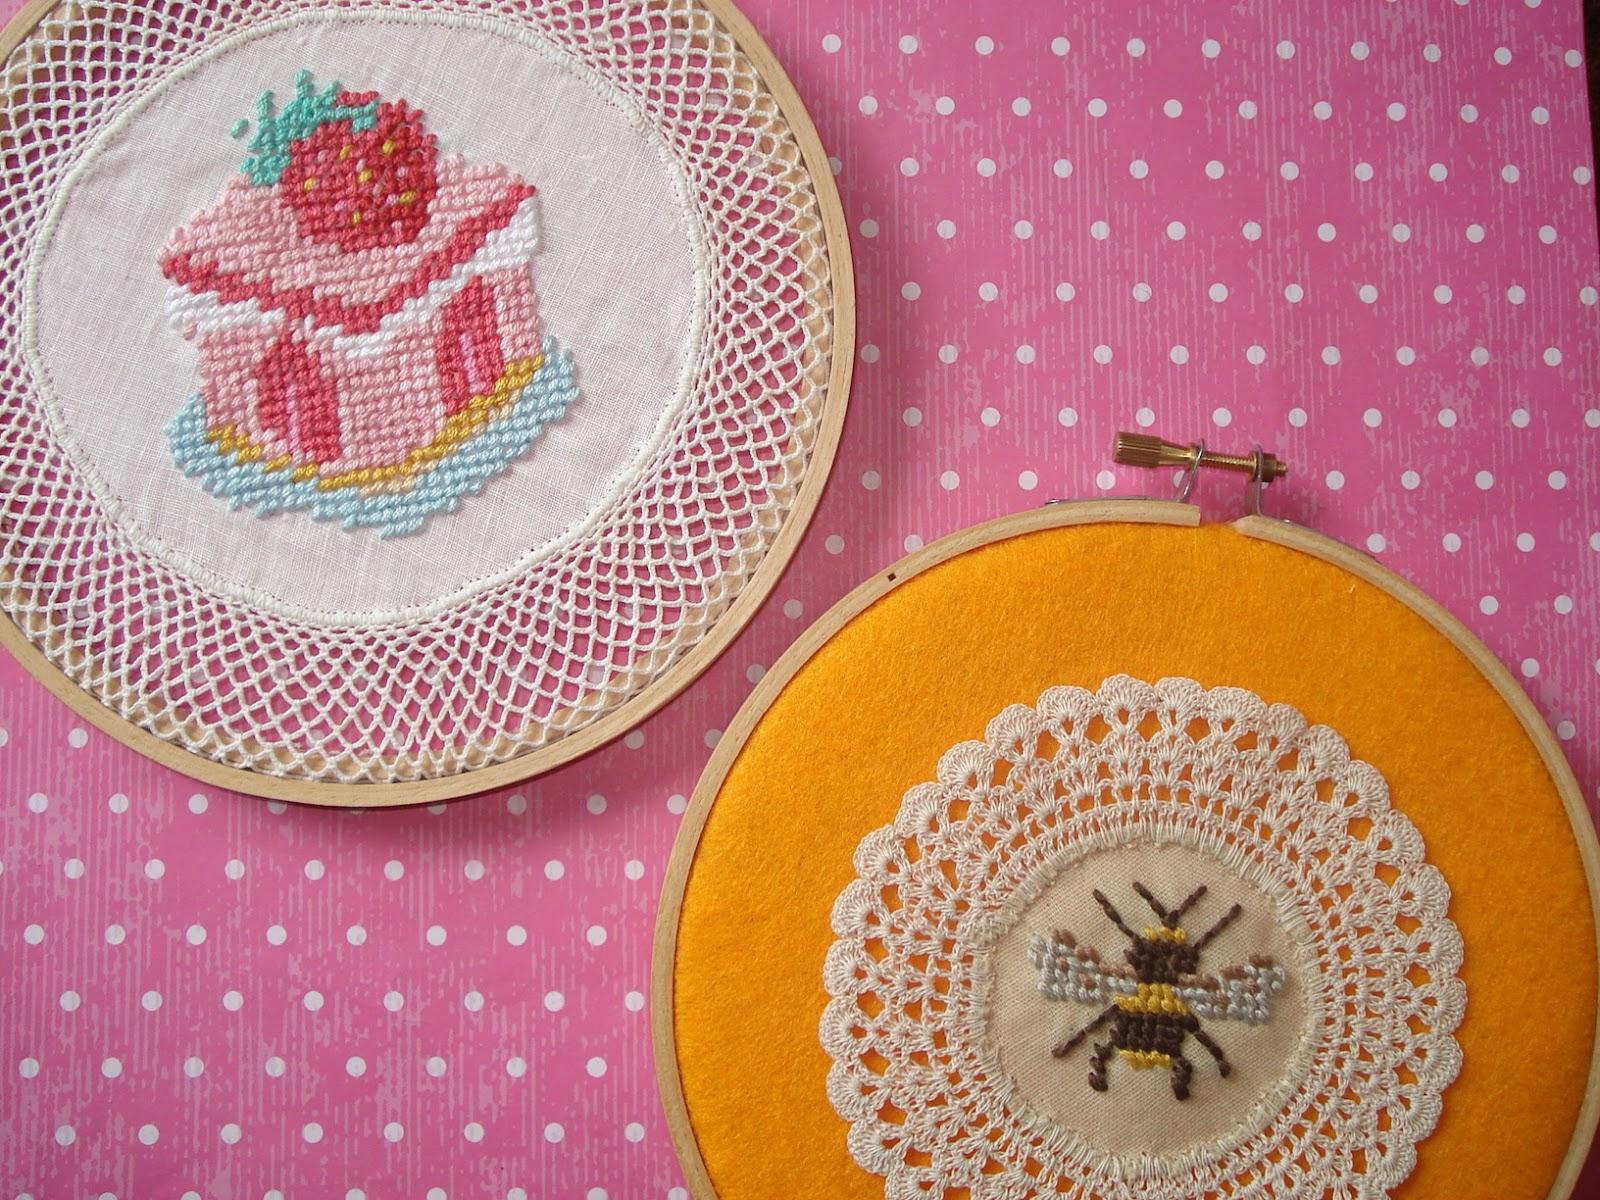 Cupcake cutie embroidery hoop art